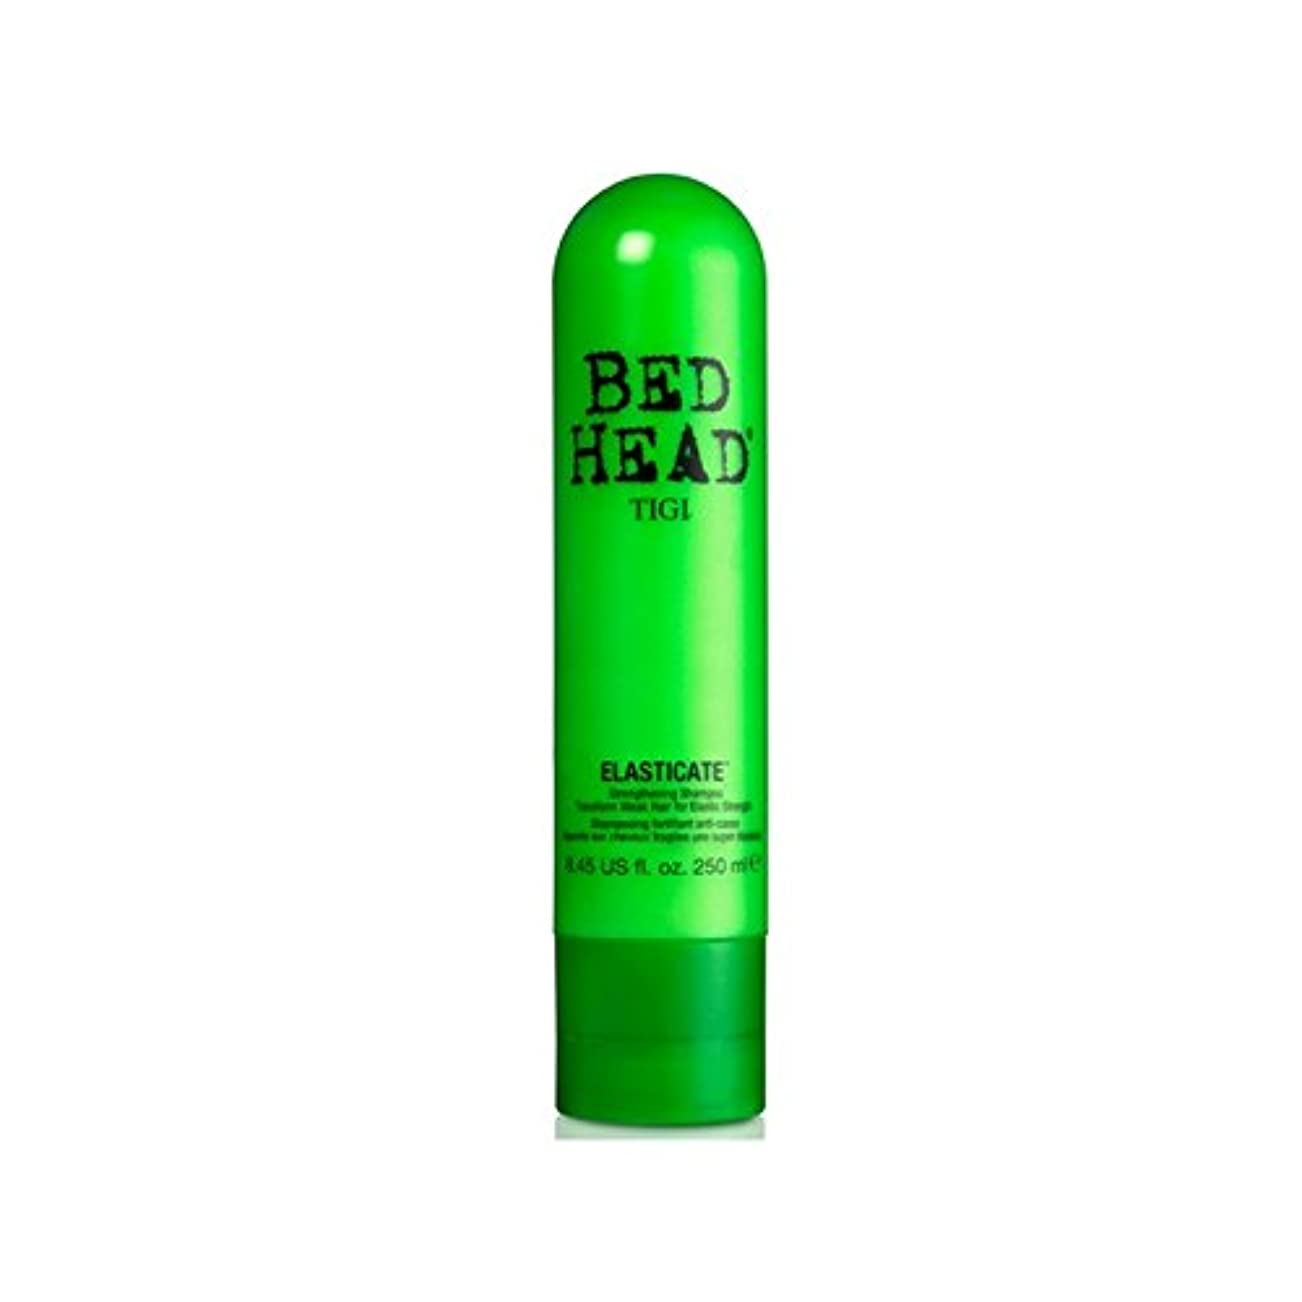 パイロット米国誤ってティジーベッドヘッドシャンプー(250ミリリットル) x4 - Tigi Bed Head Elasticate Shampoo (250ml) (Pack of 4) [並行輸入品]